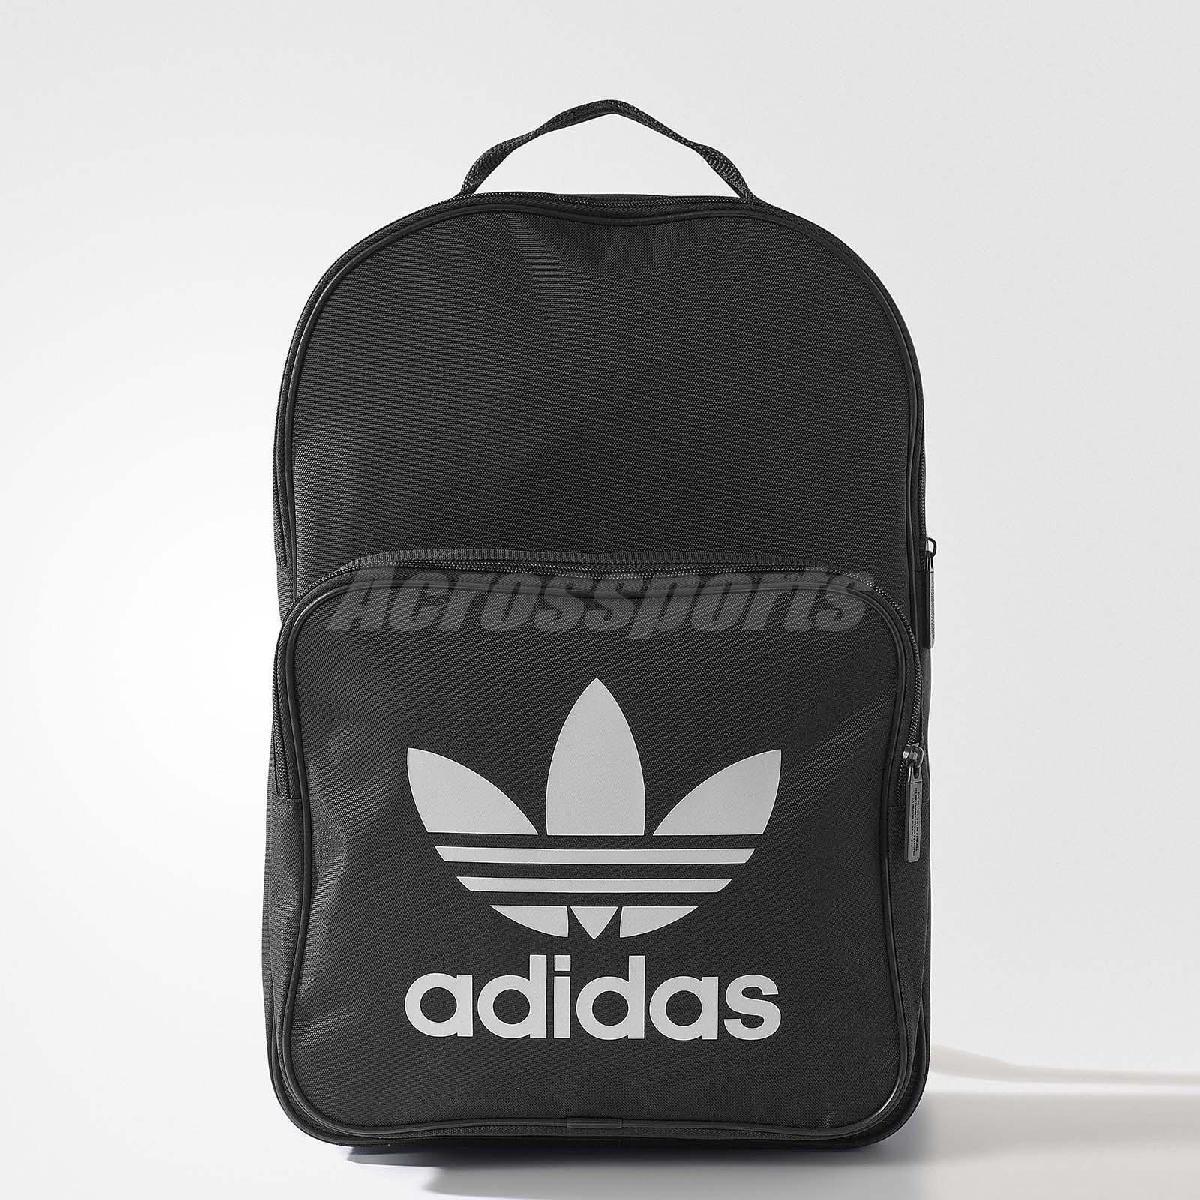 愛迪達adidas Classic Trefoil Backpack黑白三葉草雙肩黑白後背包PUMP306 BK6723